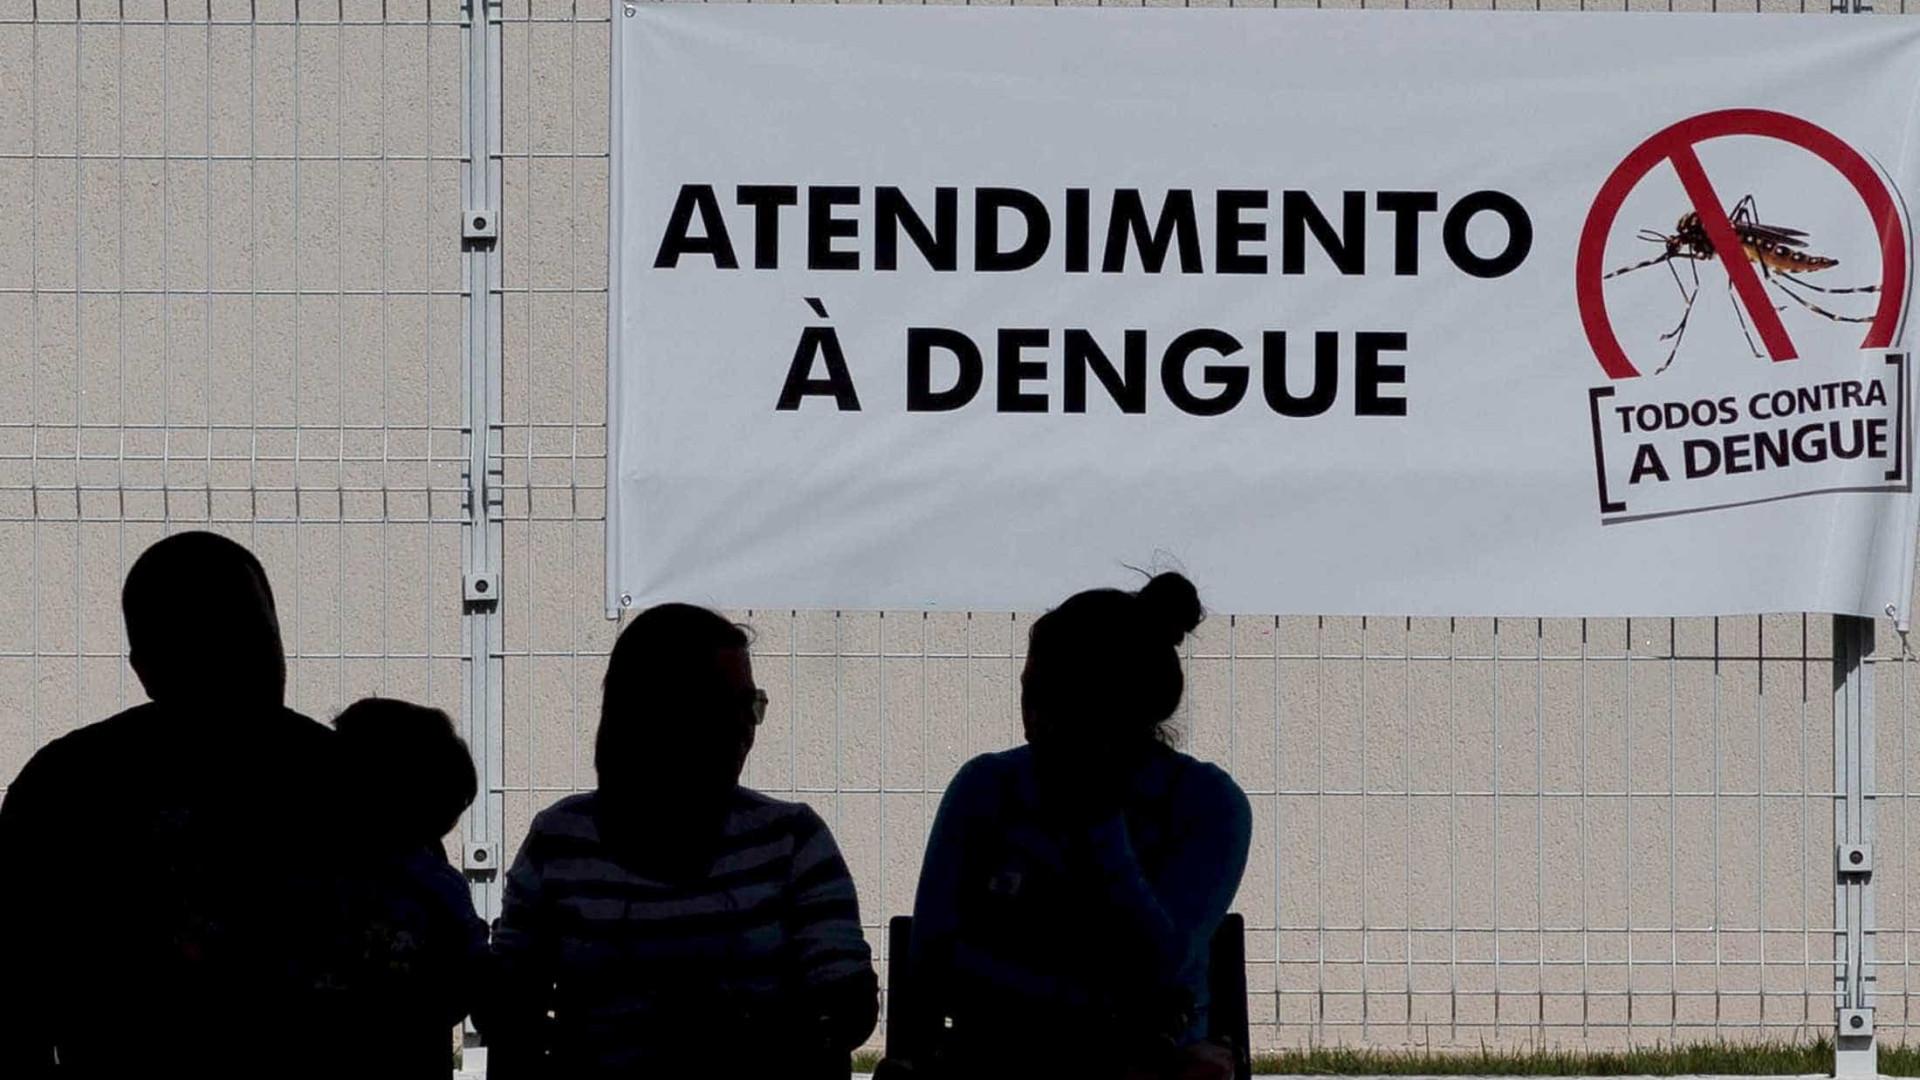 Avanço da dengue deixa cerca de mil cidades em patamar de epidemia